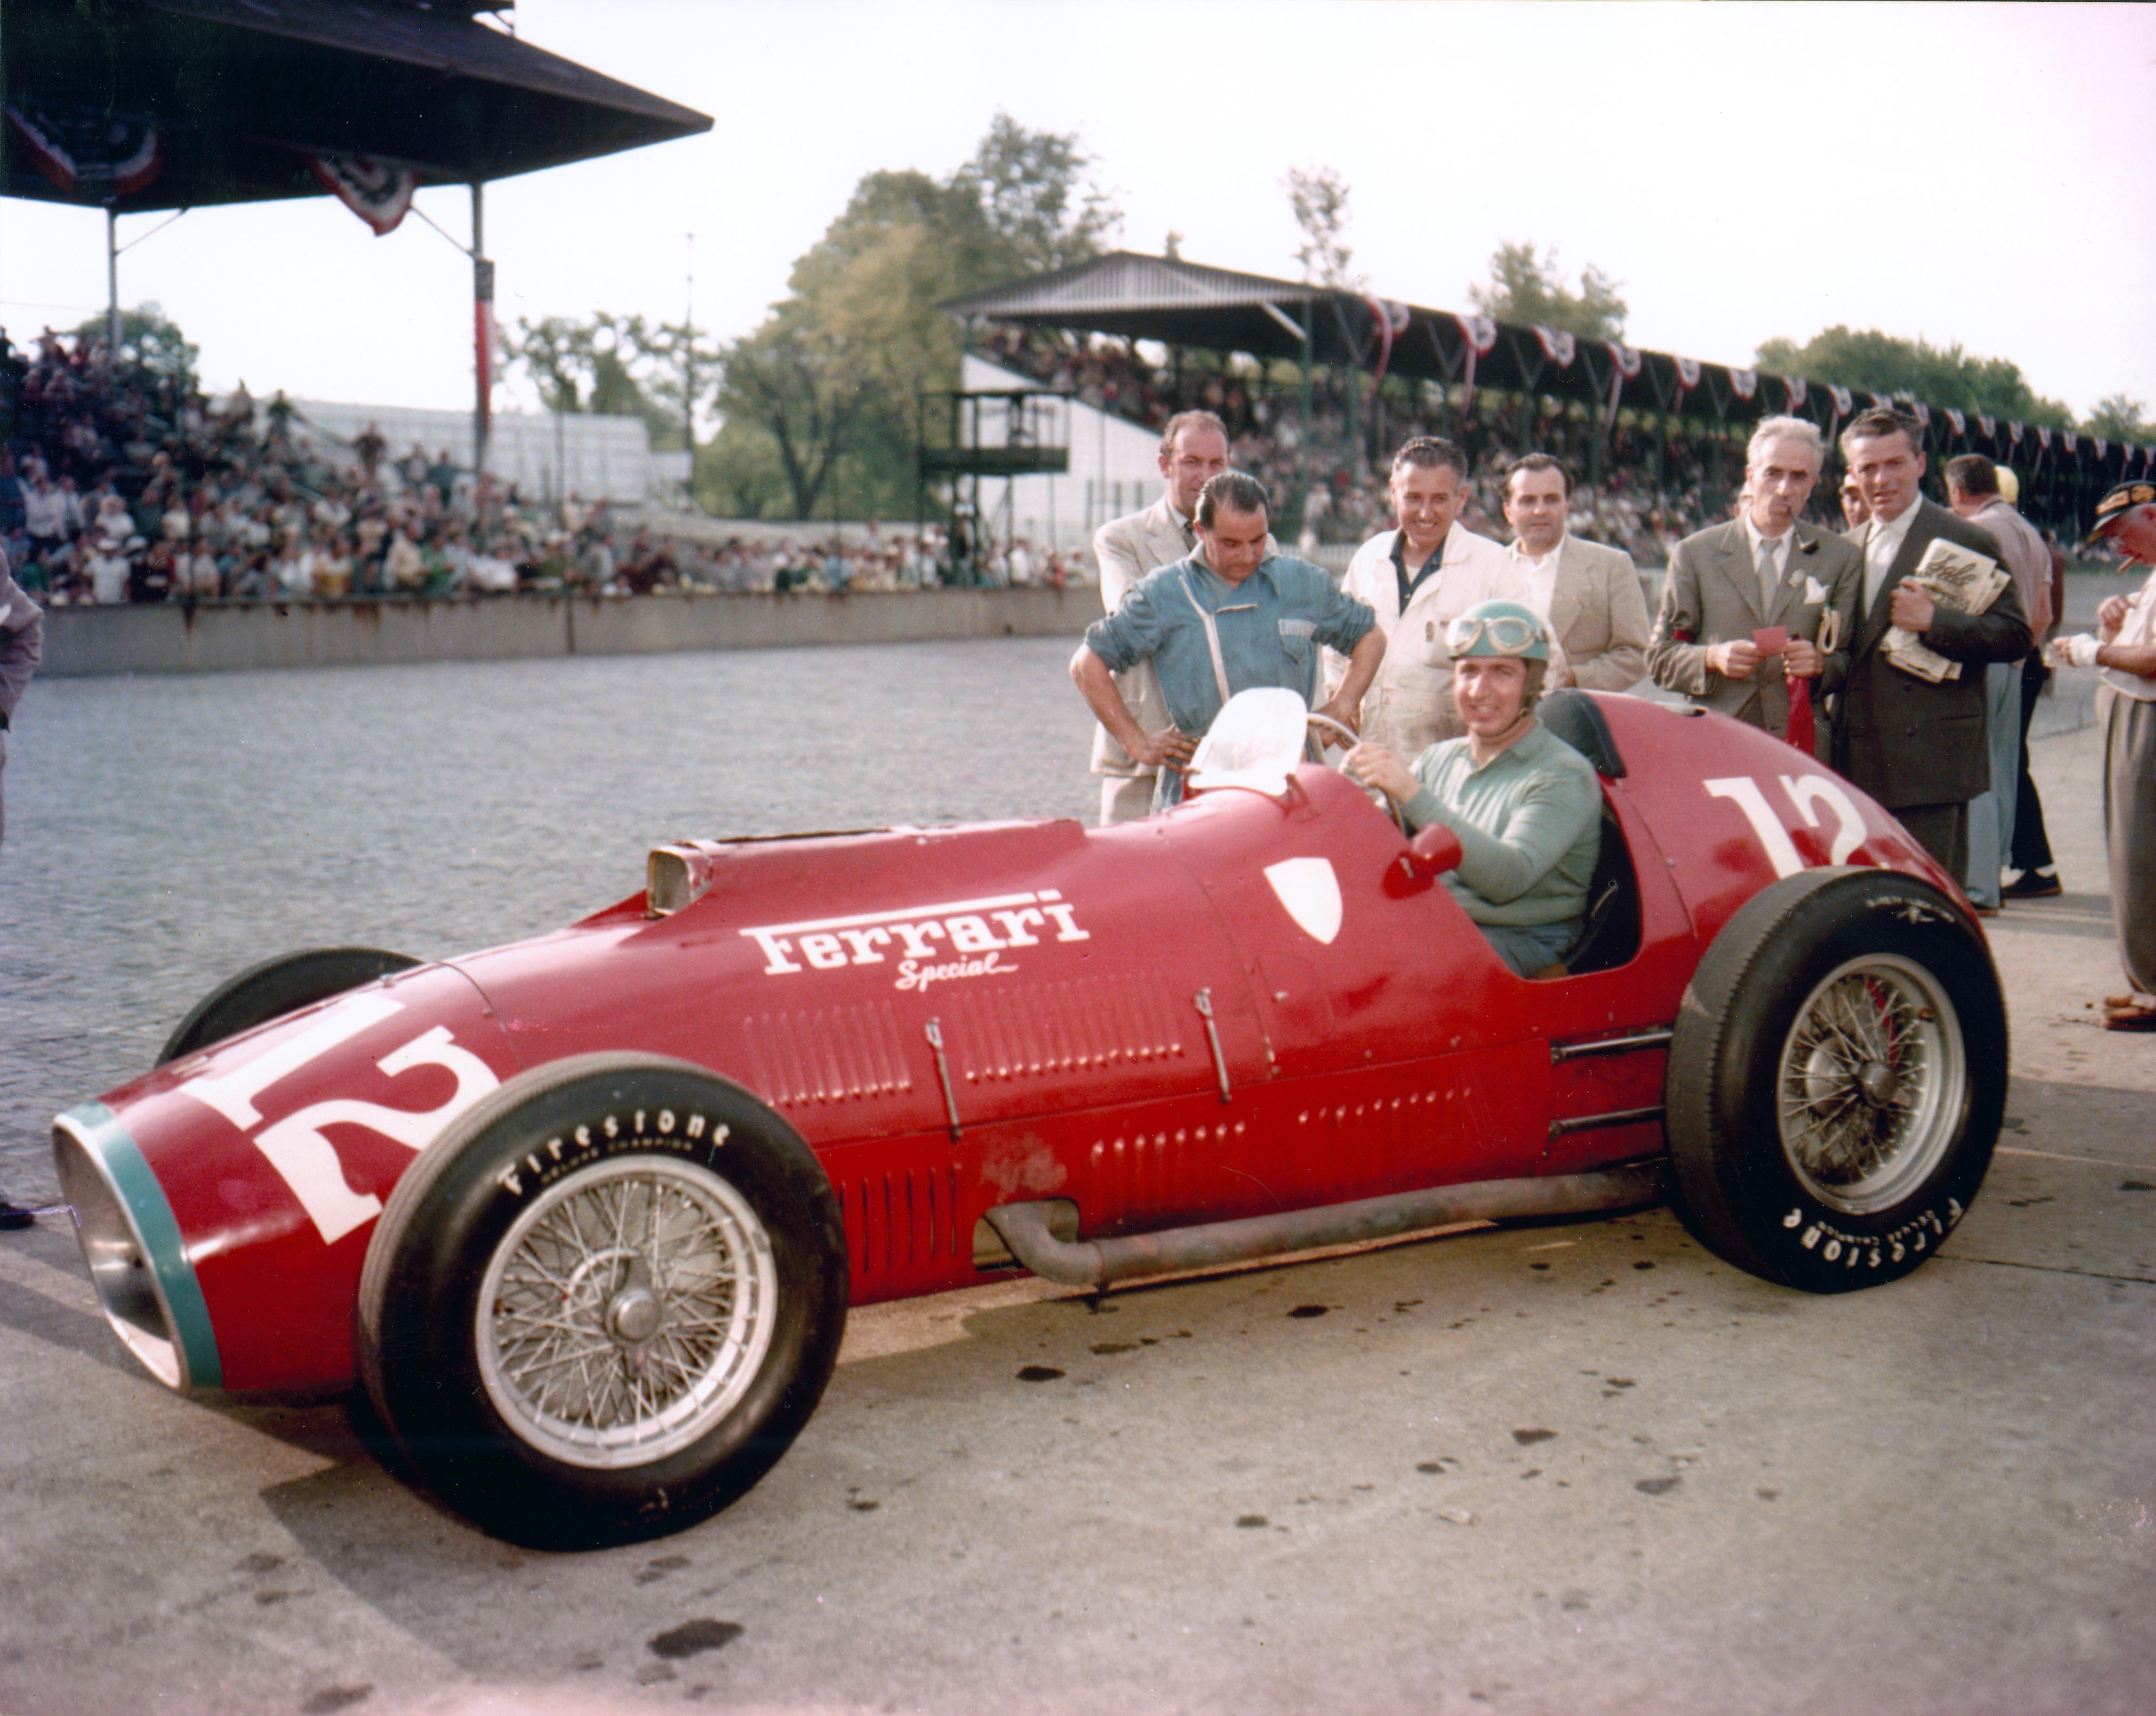 Alberto Ascari Ferrari Indianapolis 500 1952